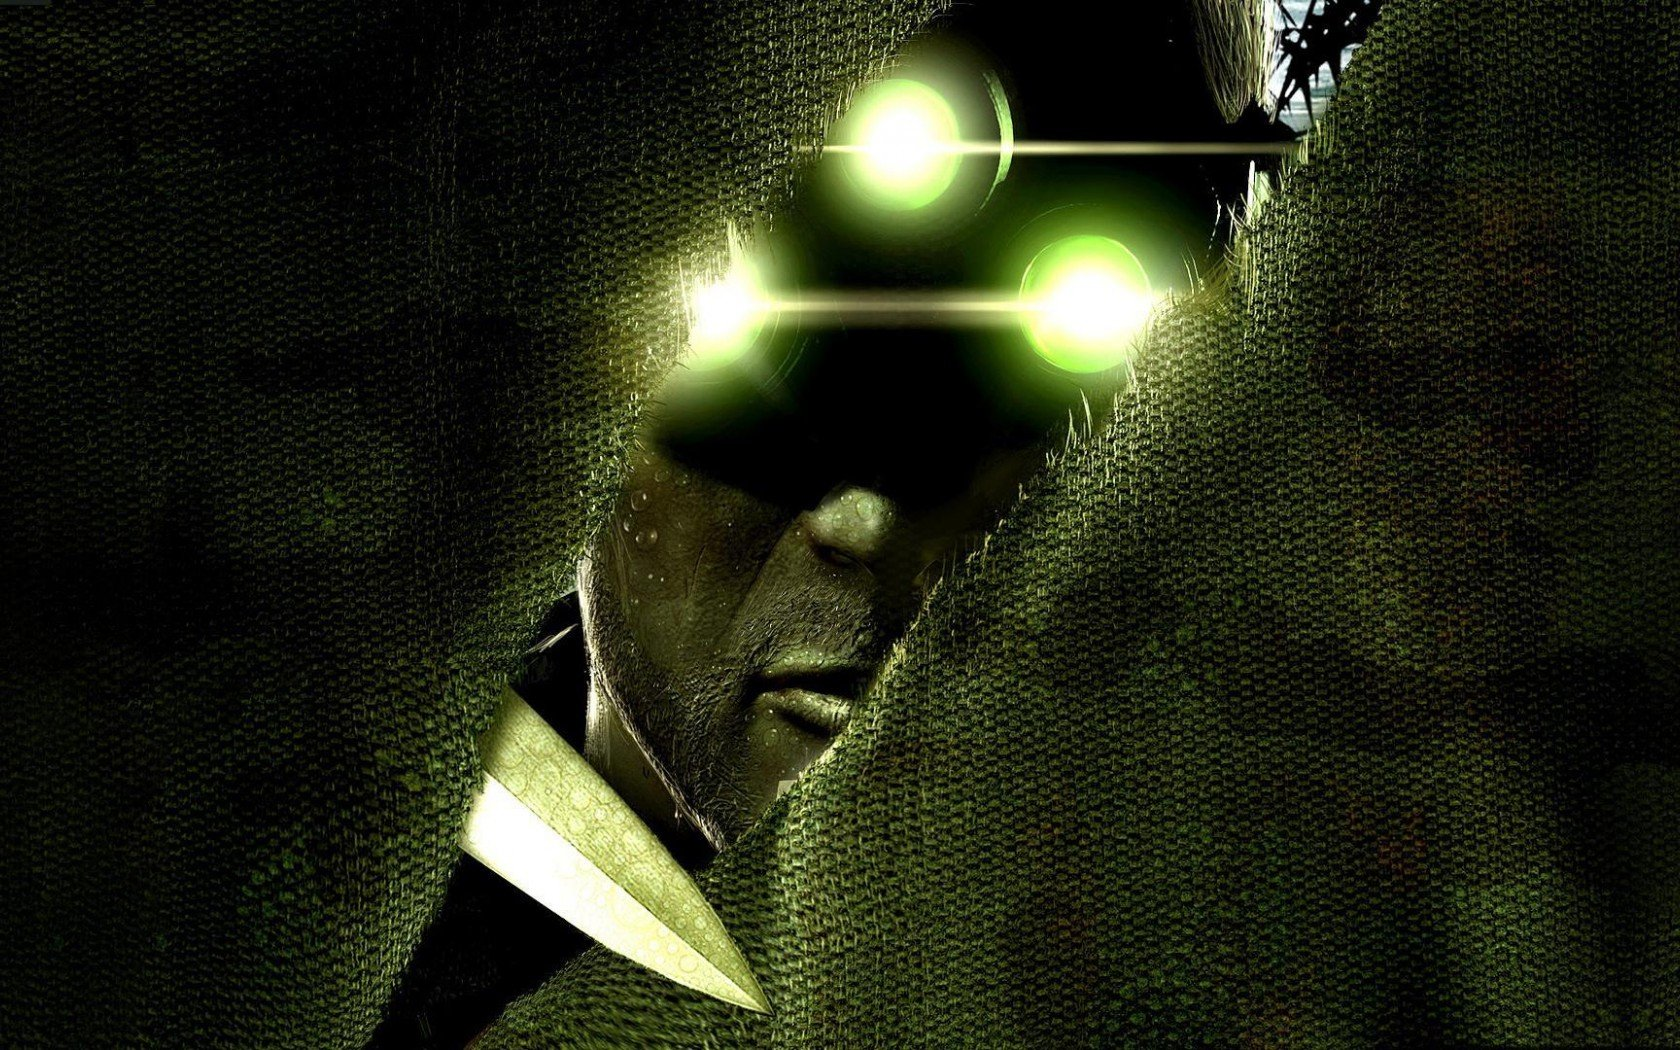 Ровно десять лет назад состоялся североамериканский выход Splinter Cell: Chaos Theory. - Изображение 1